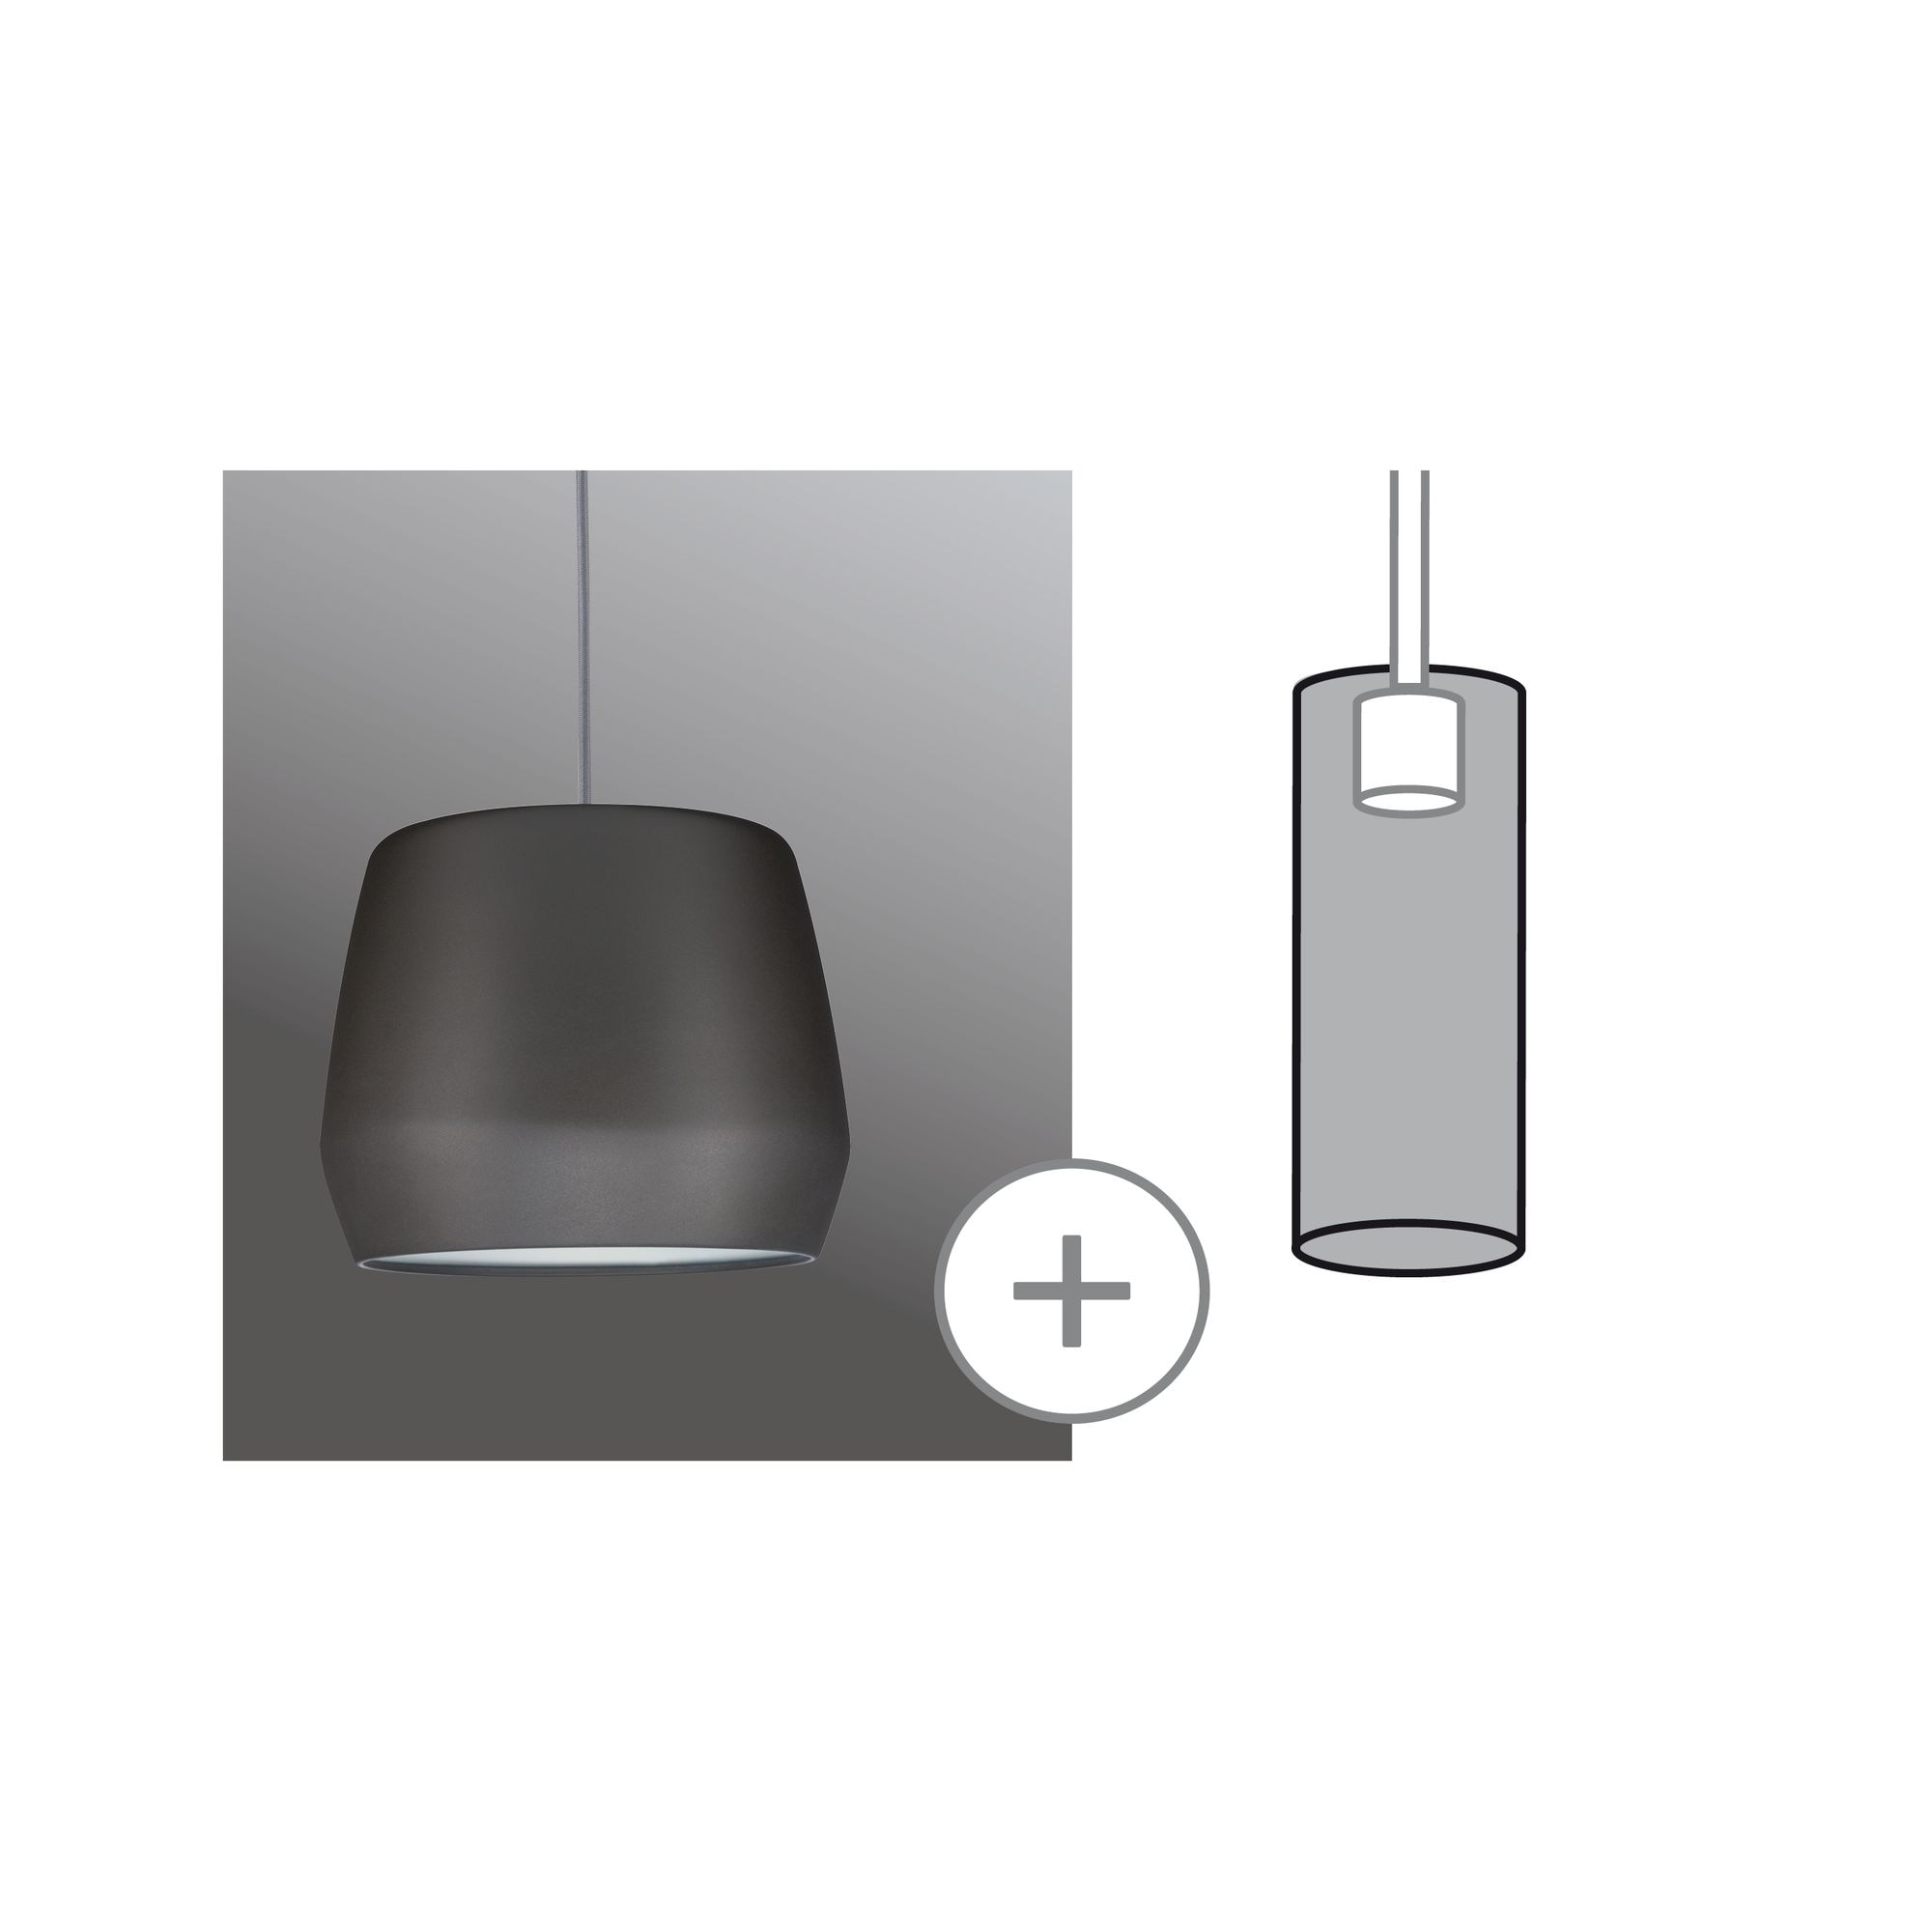 Paulmann LED Deckenleuchte URail 2Easy Metallschirm Pirm Grau matt max. 20W, 1 St.